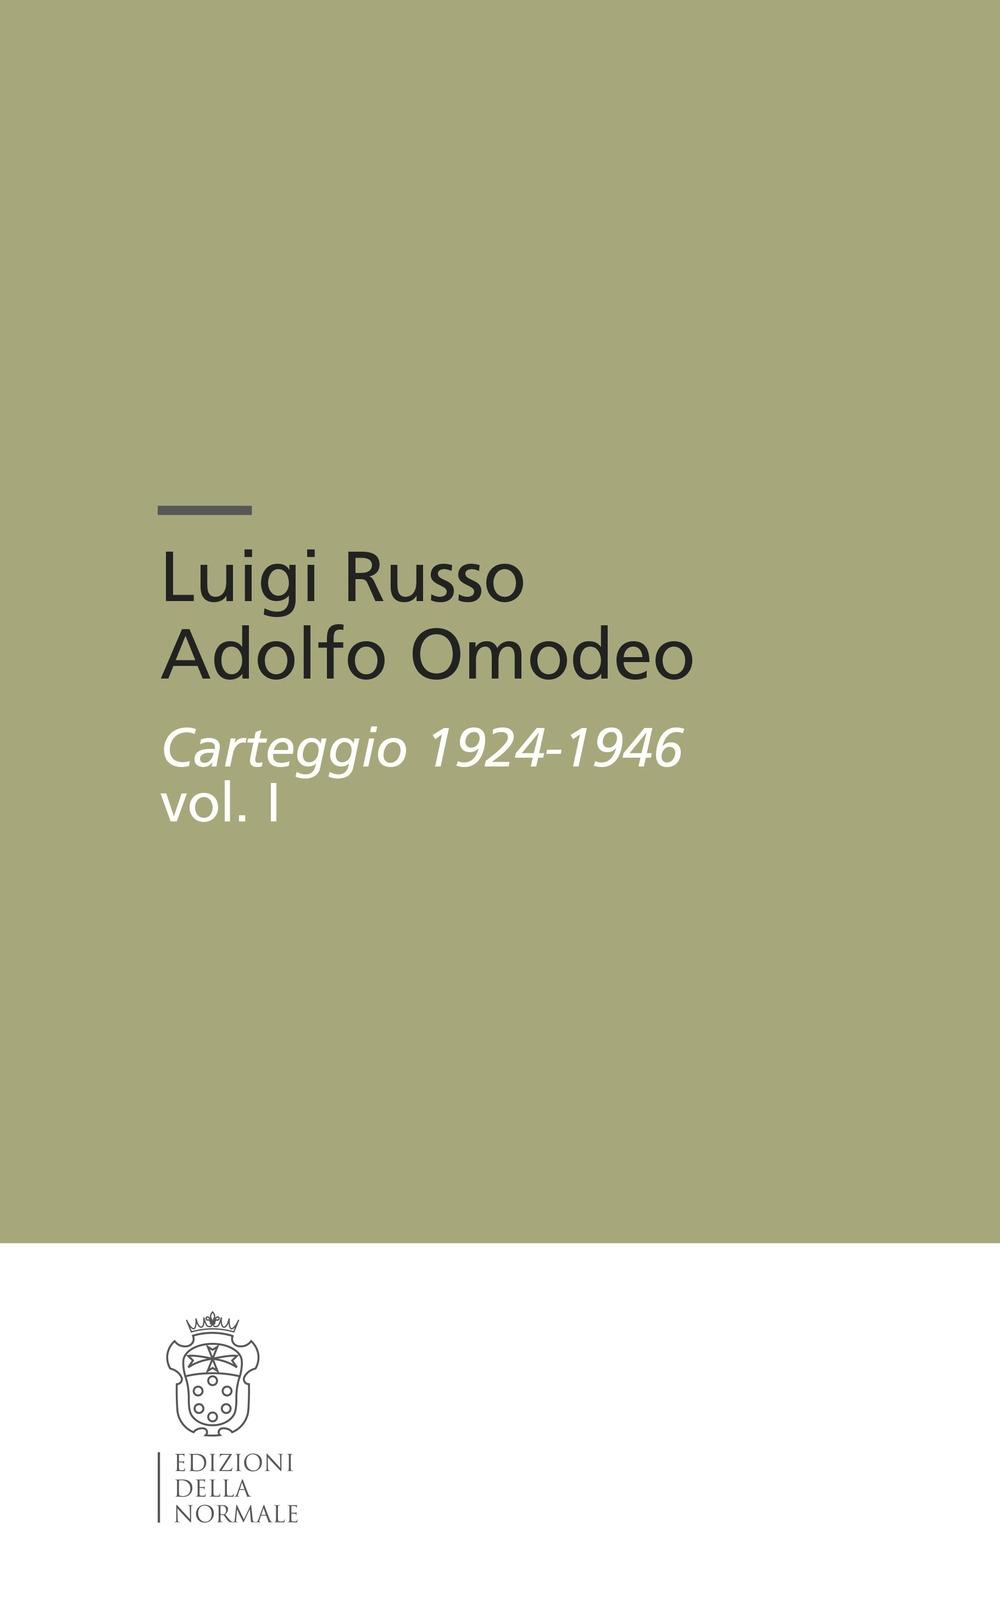 Luigi Russo Adolfo Omodeo. Carteggio 1924-1946